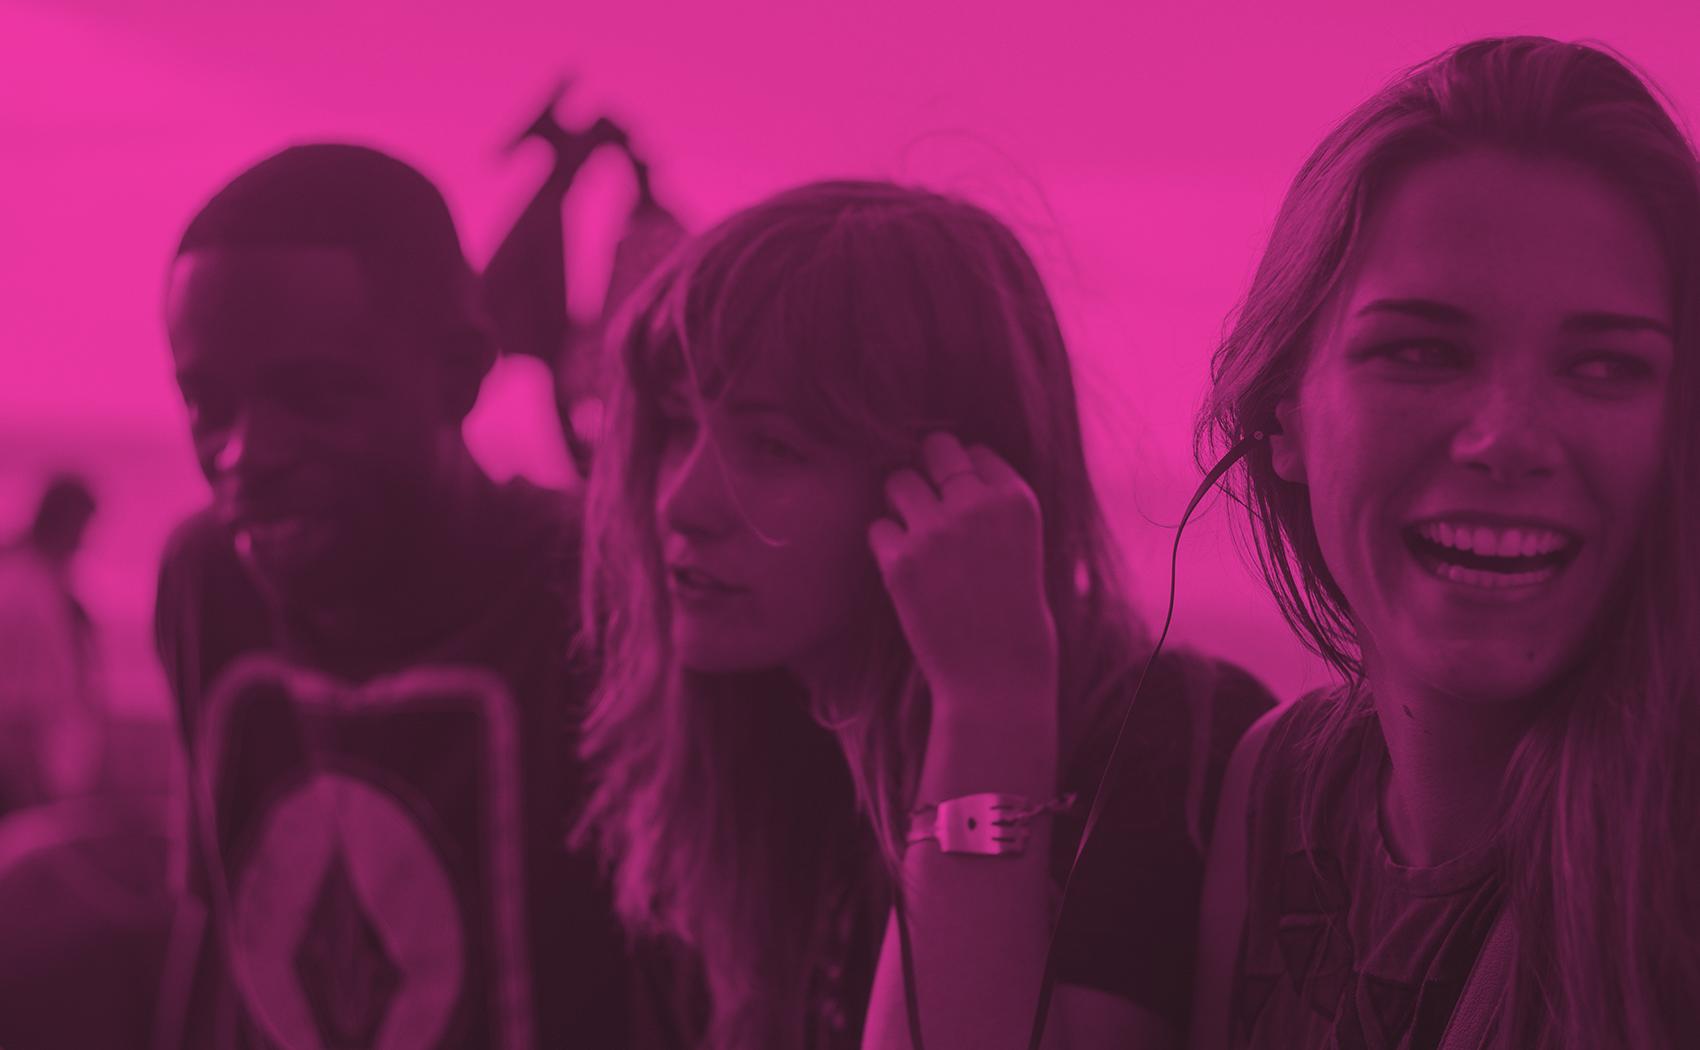 spotify-linkedin-promotion-july-18-2016